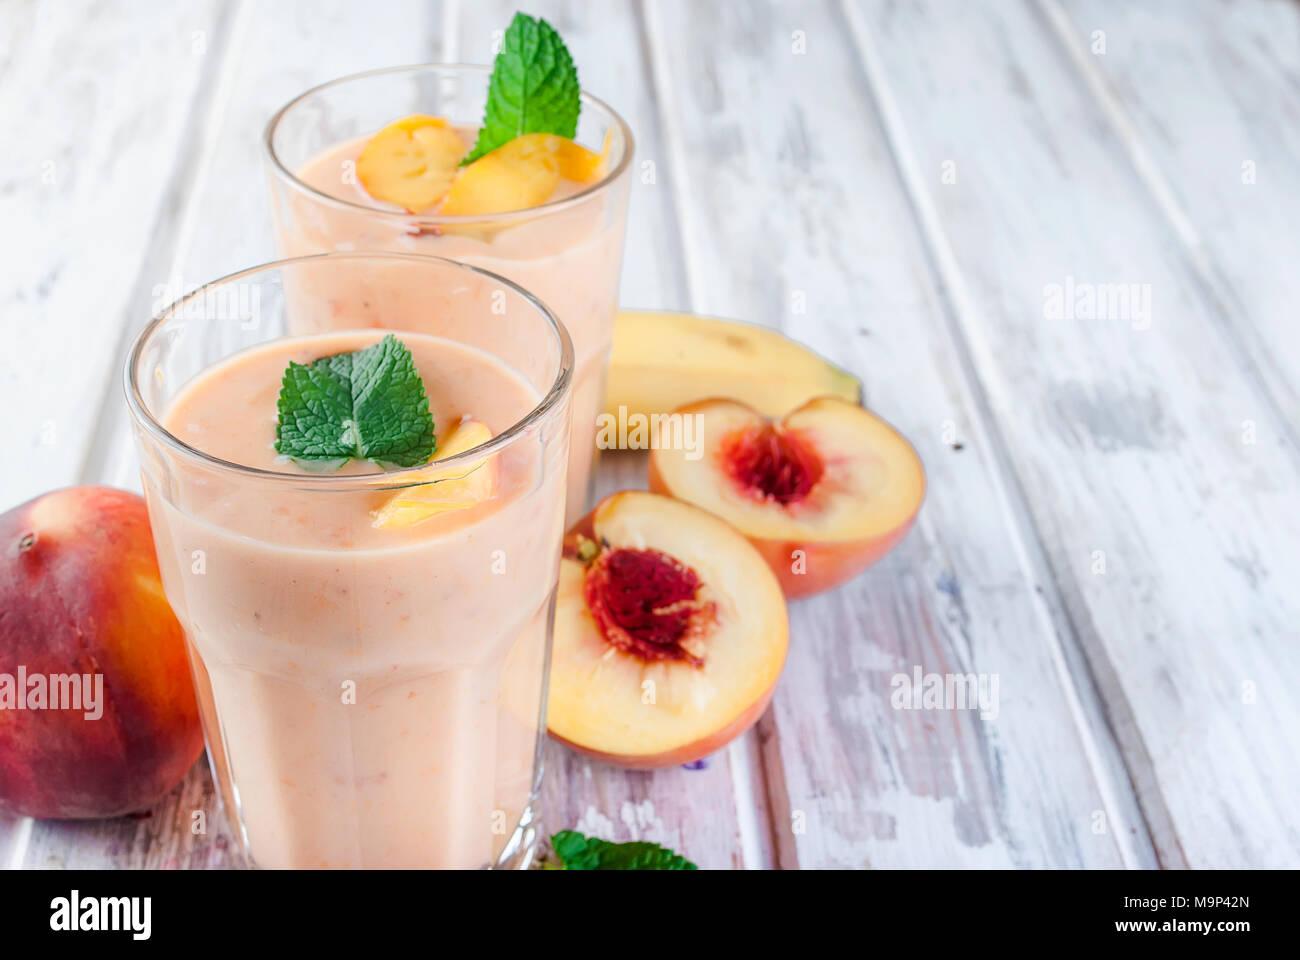 Smoothie d'été rafraîchissante ou milkshake avec abricot, pêche et la banane, menthe, yaourt en verre avec des ingrédients, sur table en bois blanc, copie Espace, haut Photo Stock